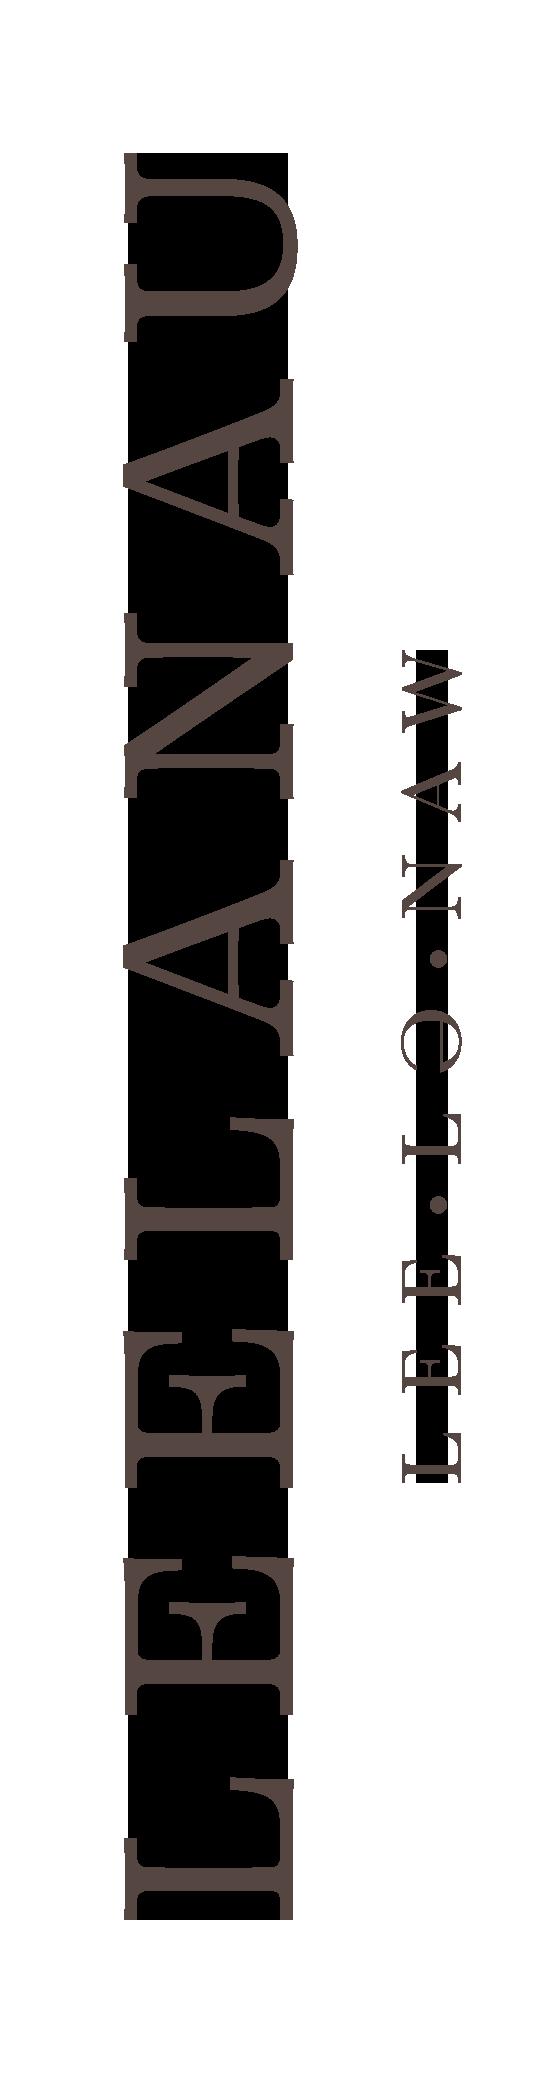 Leelanau_Logo_pronunciation_sideways.png